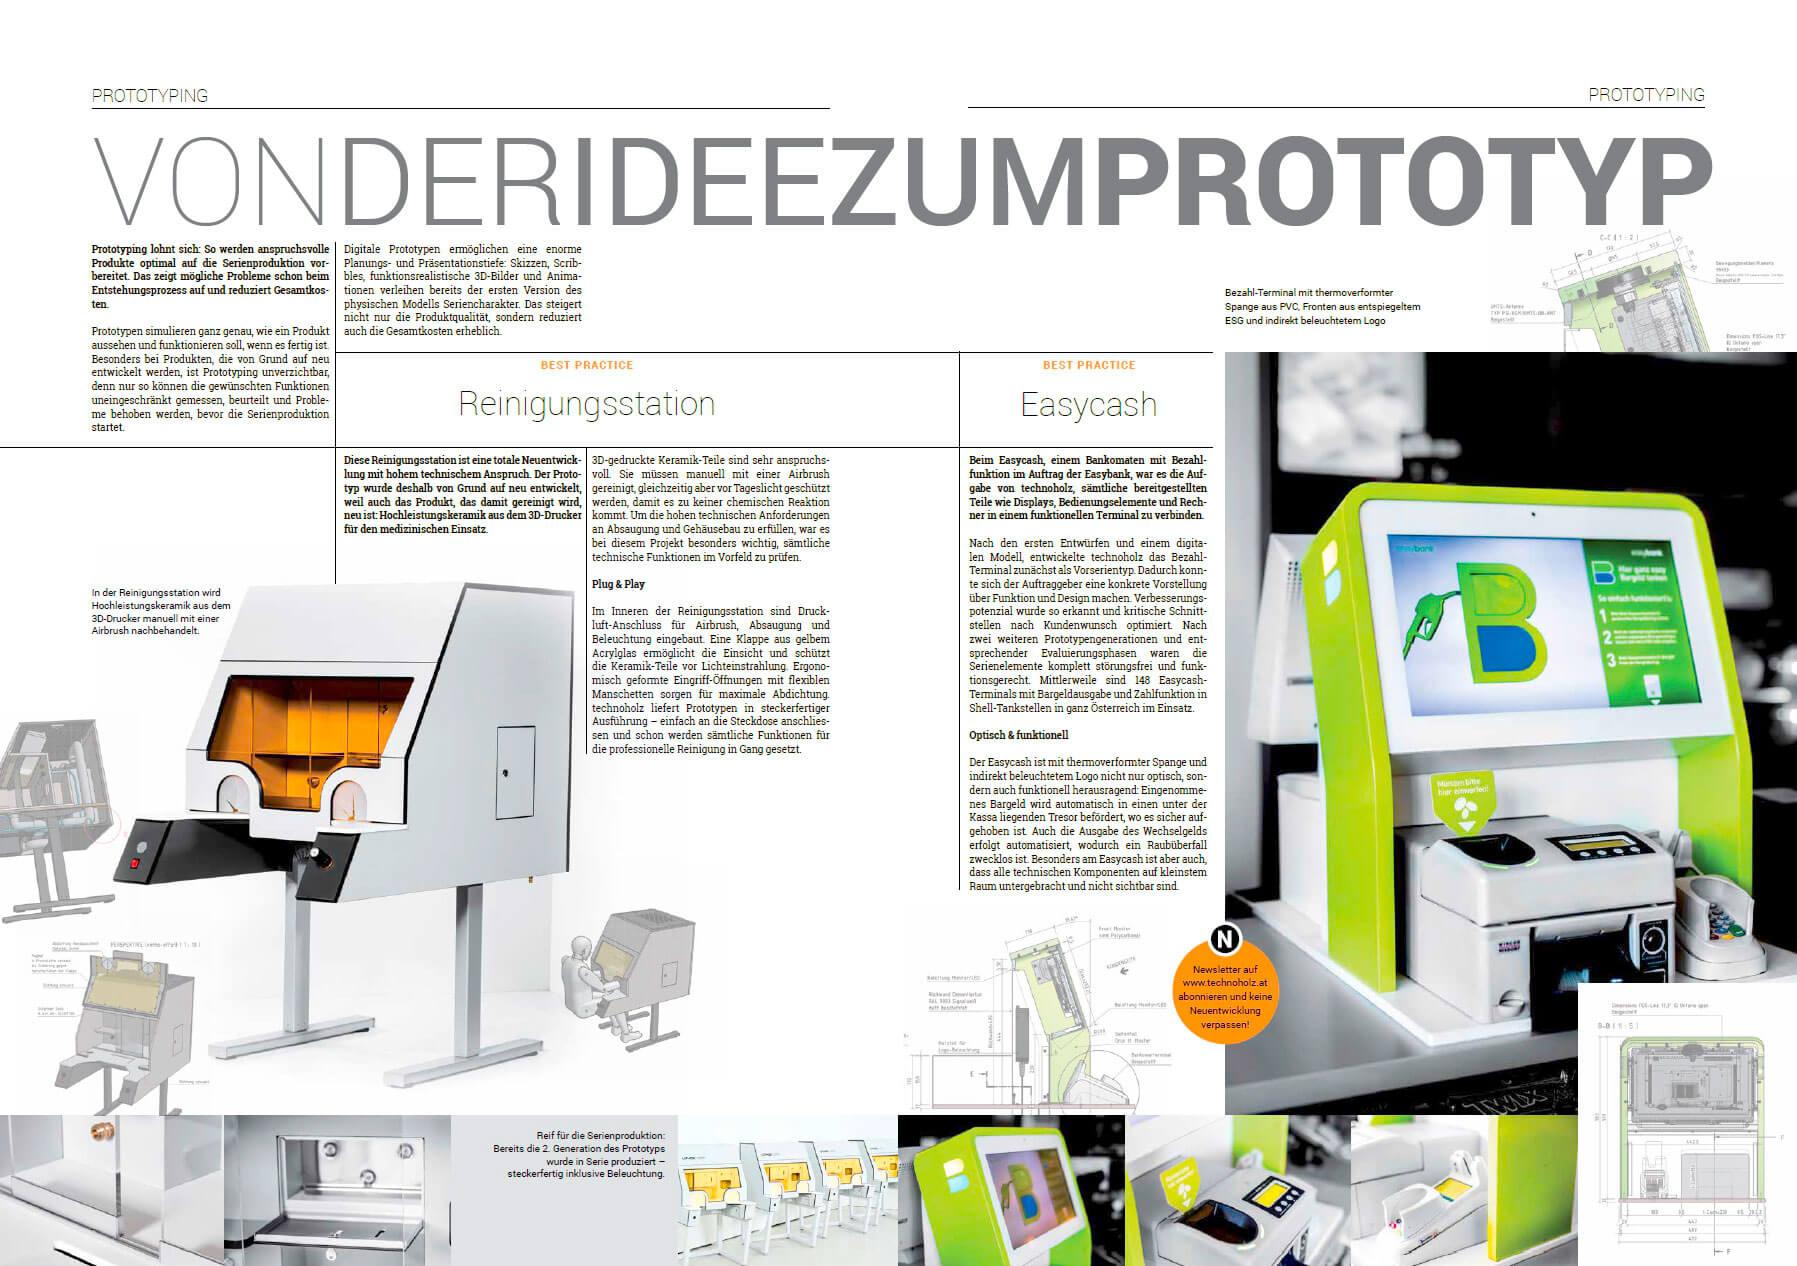 Produktfotografie - Prototyp - Technisches Produkt Fotograf Produktfotograf Fotografiert bei Technoholz in Villach, Kärnten, Österreich (5)